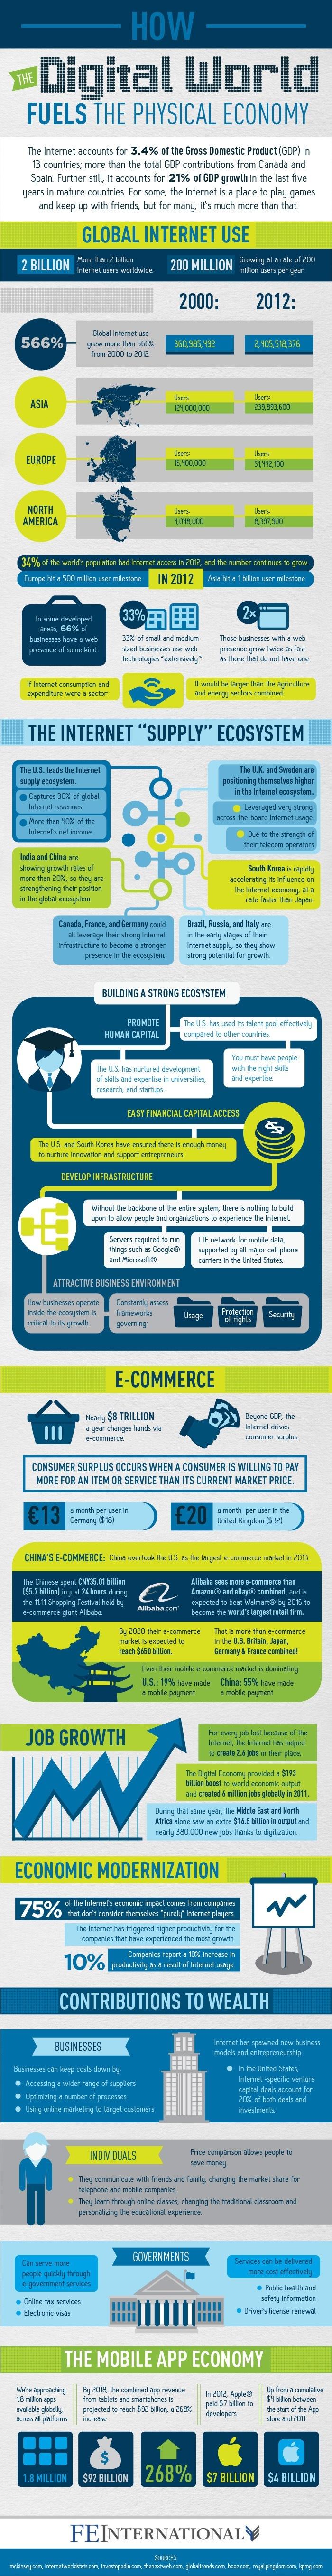 The Internet's Economic Impact